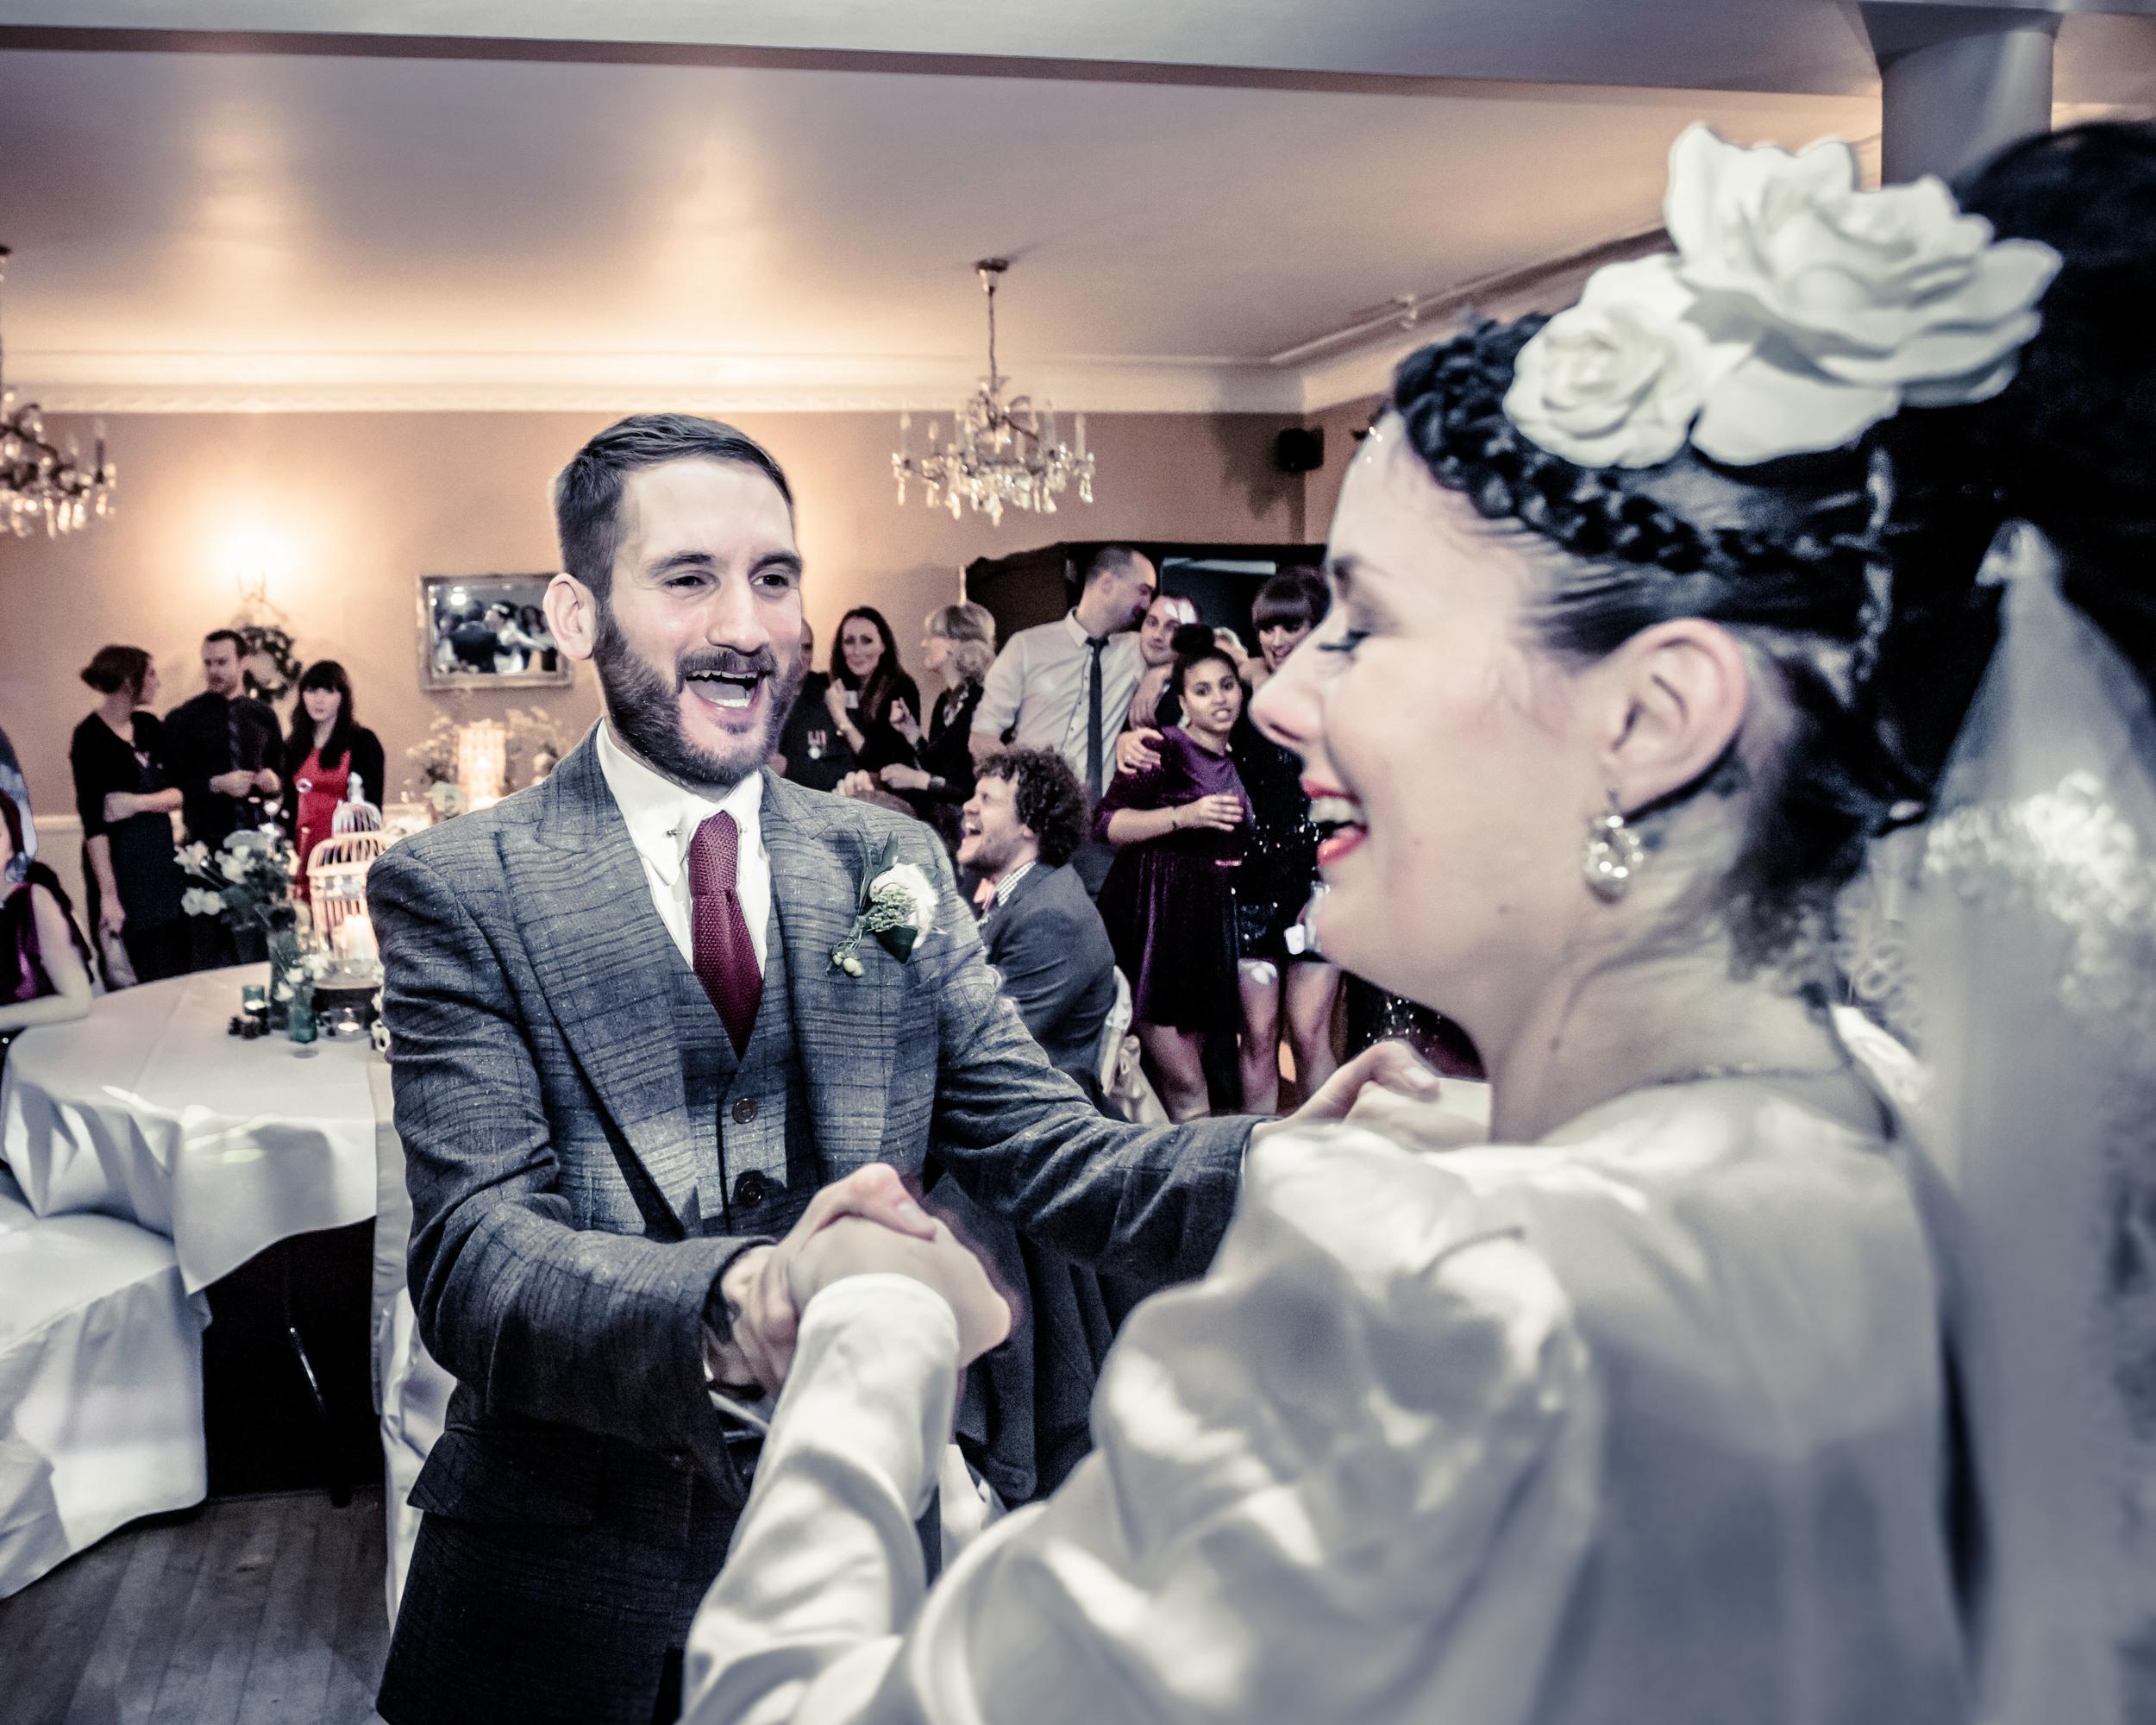 191 - Angela and Karls Wedding by www.markpugh.com -7280.jpg